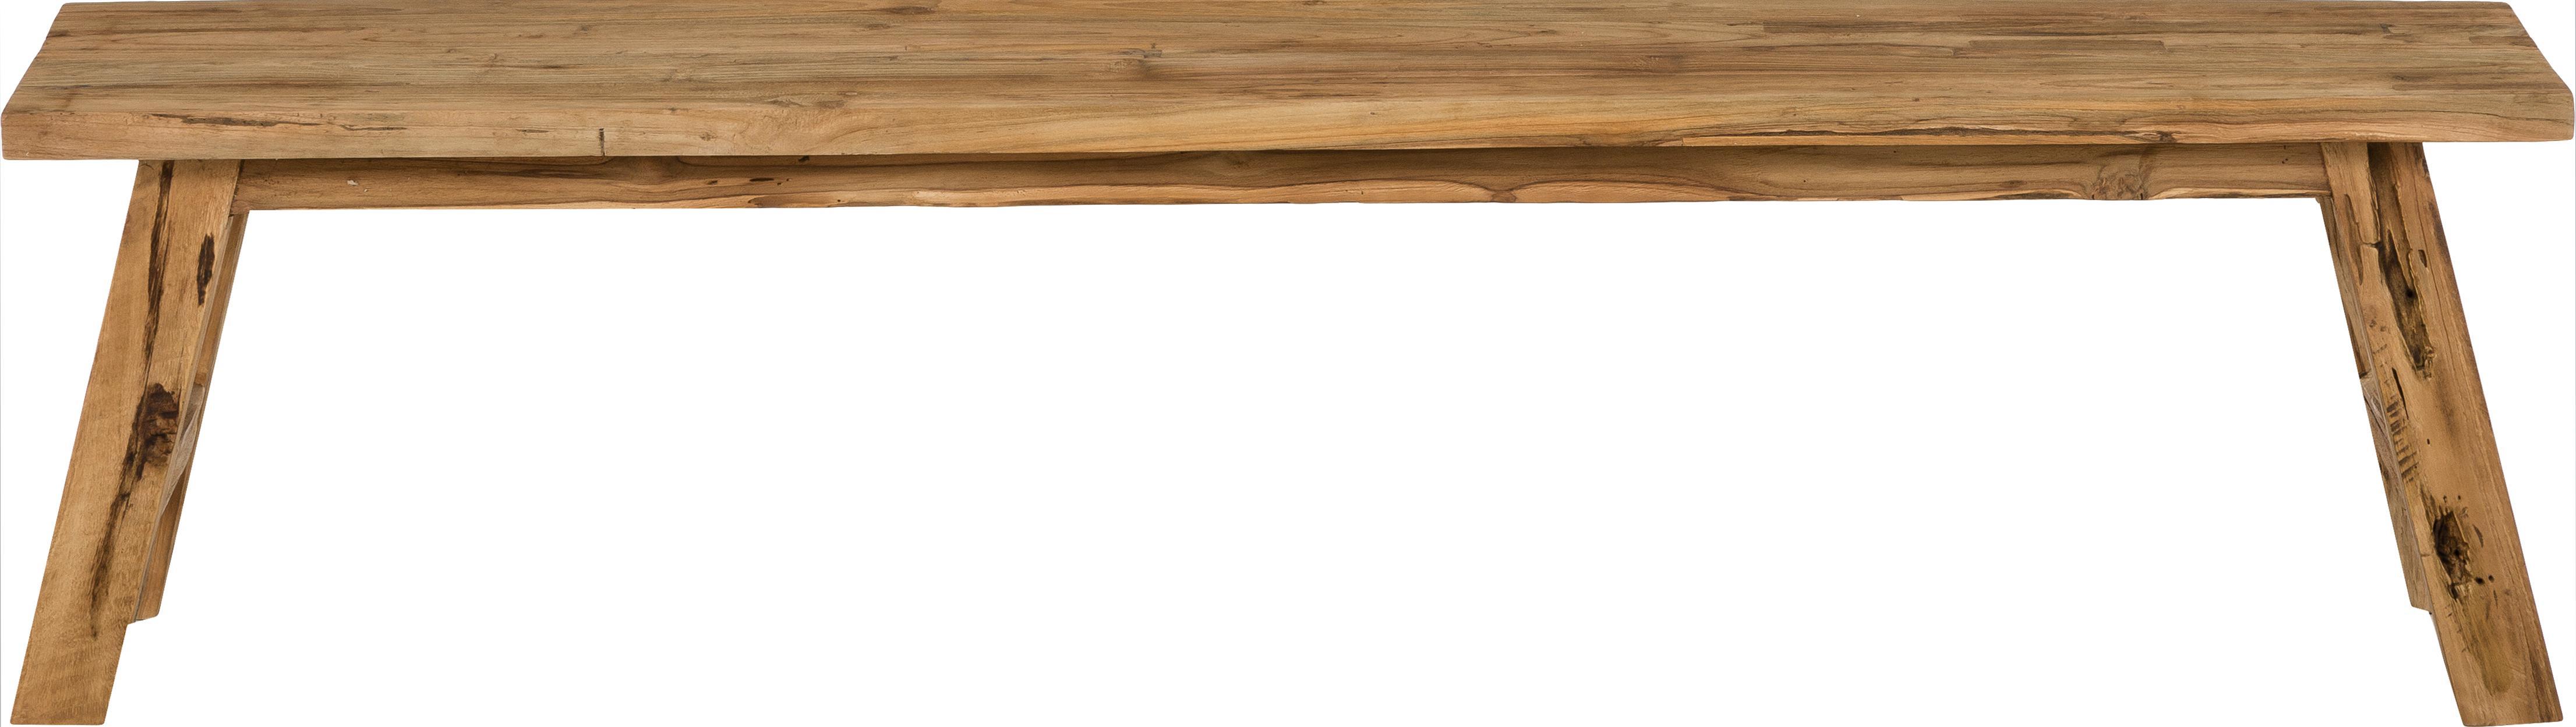 Panca in legno di teak Lawas, Legno di teak, finitura naturale, Legno di teak, Larg. 180 x Alt. 45 cm